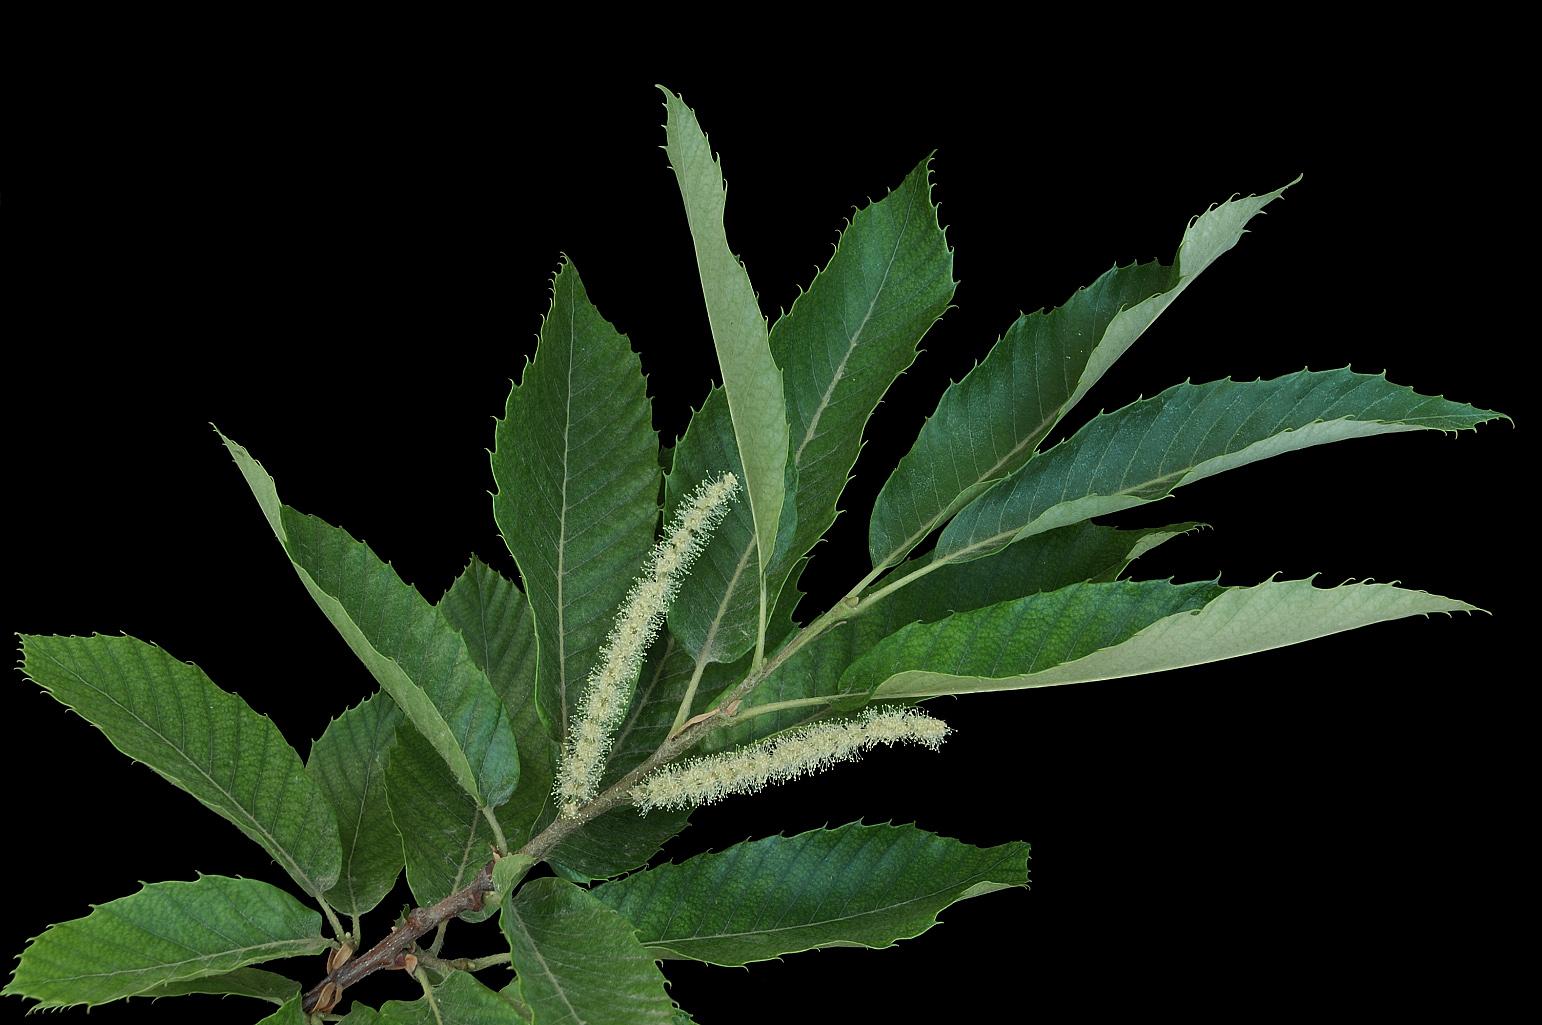 Rama con hojas alternas, simples, con los nervios laterales casi paralelos